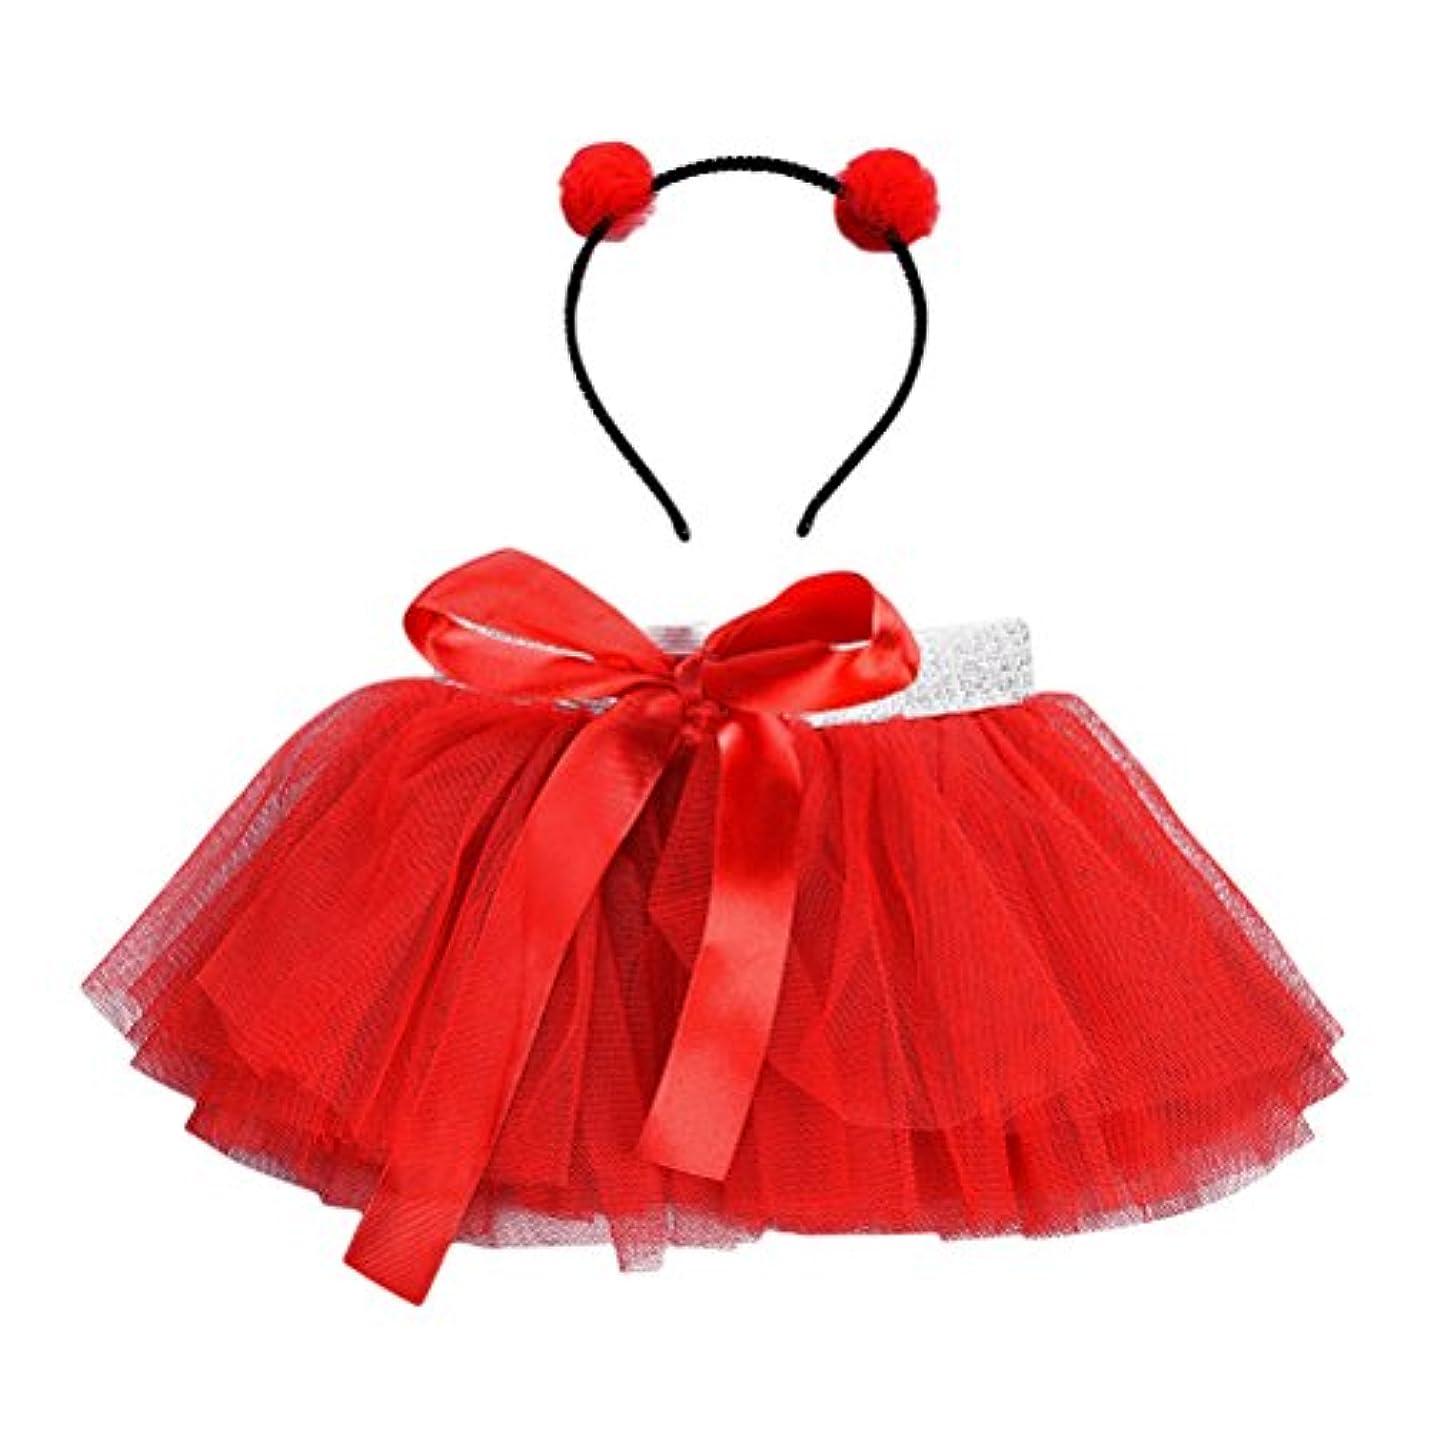 抜け目のない深さ適応的LUOEM 女の子TutuスカートセットヘッドバンドプリンセスガールTutuの服装赤ちゃん女の子Birthday Outfit Set(Red)